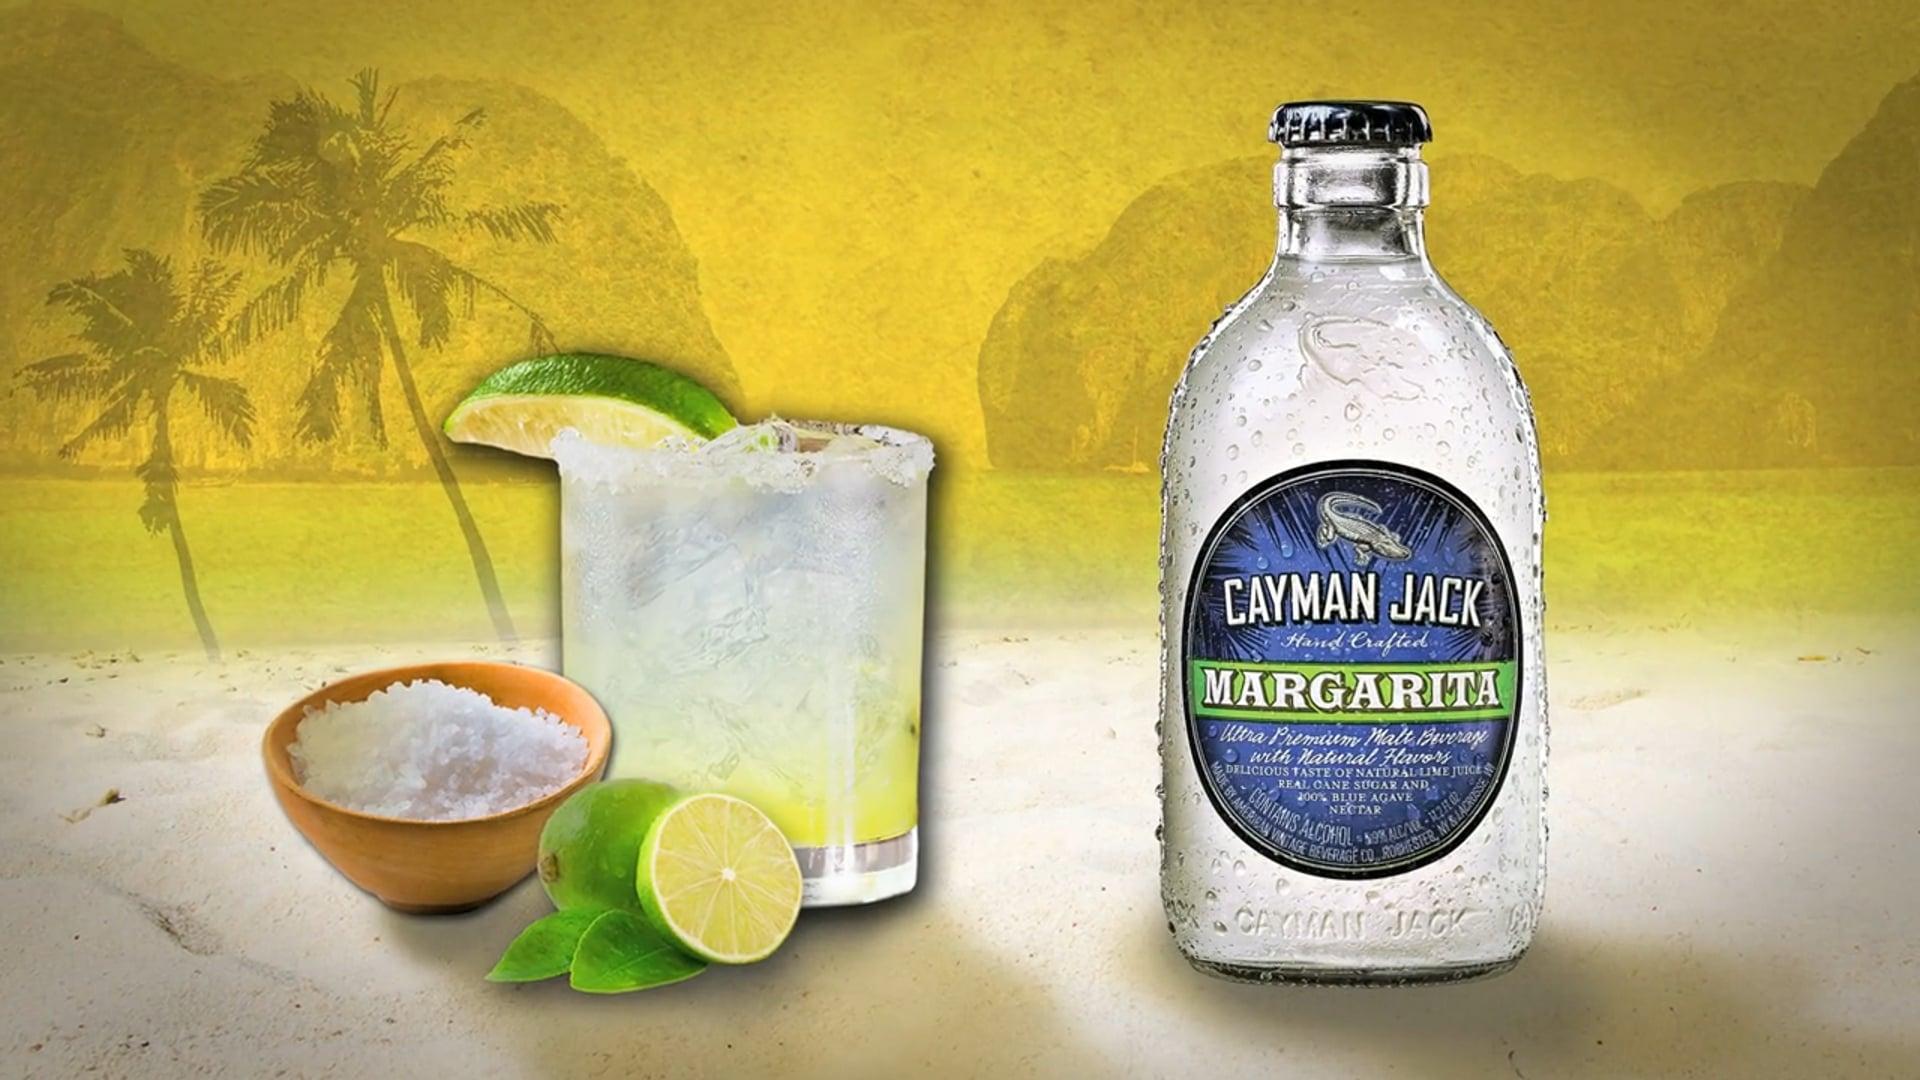 Cayman Jack Margarita Day (Director's Cut)